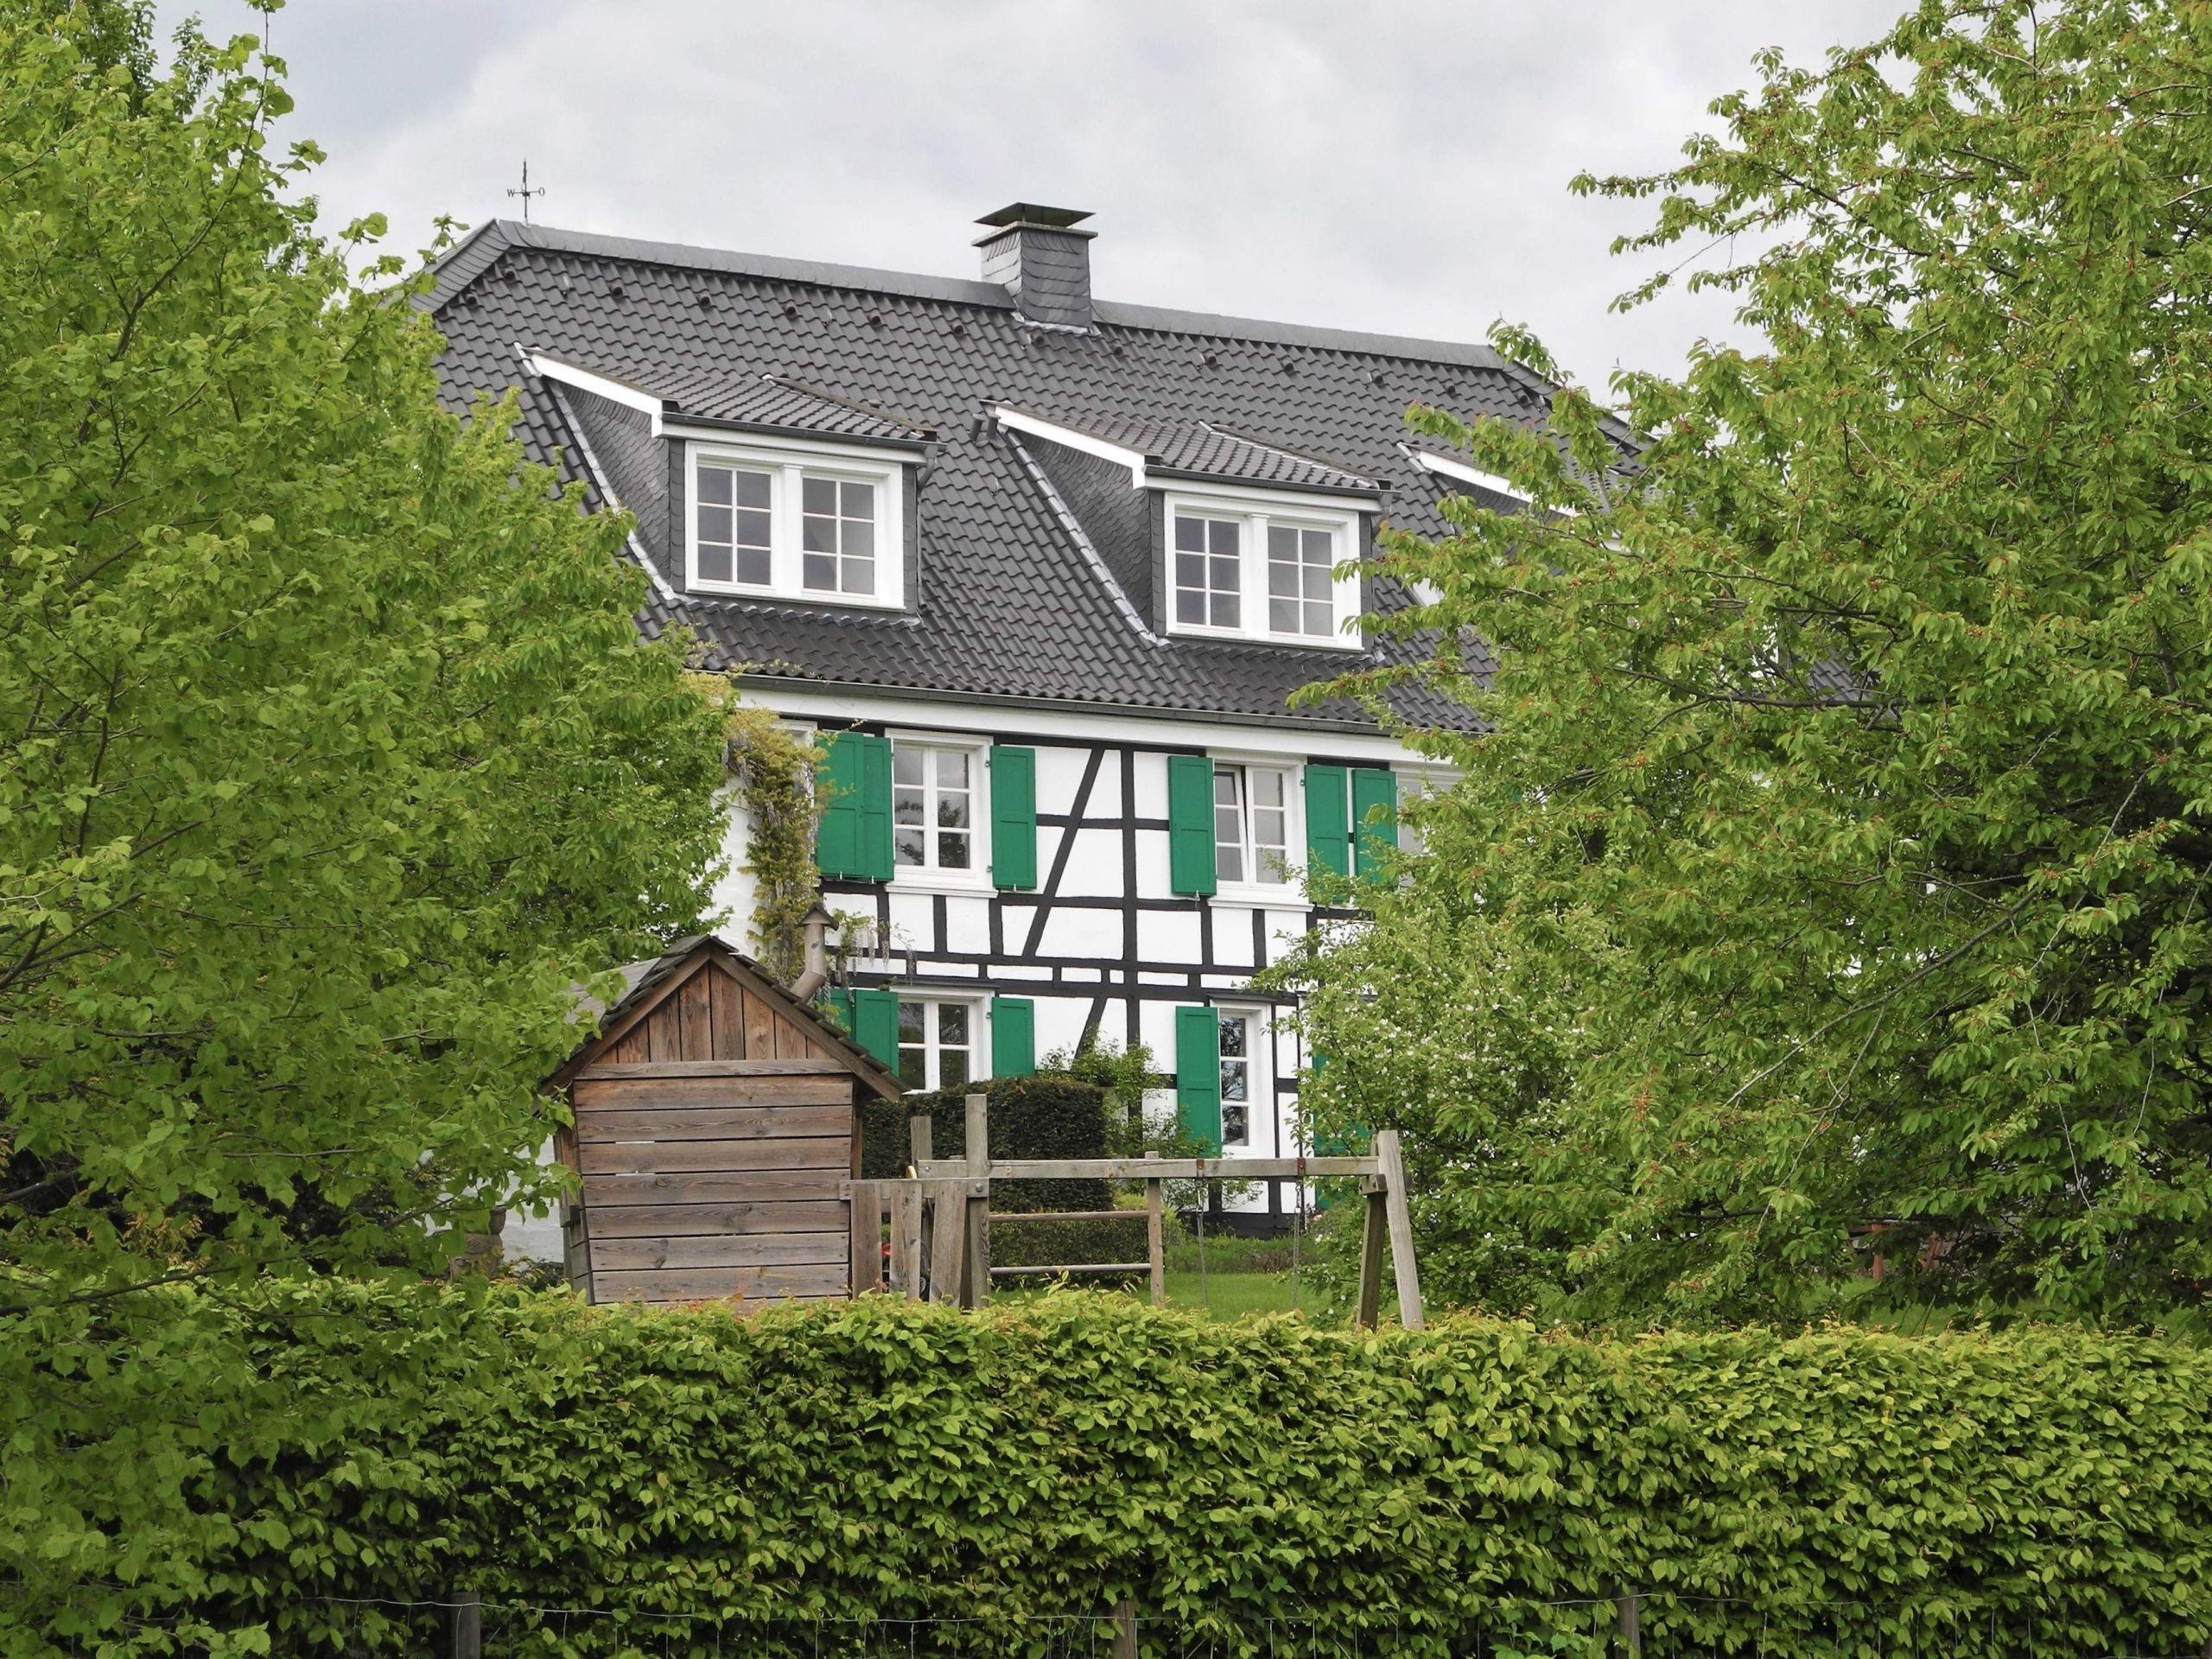 Wuppertal Junkersbeck 1 Gartenfront Bild 1